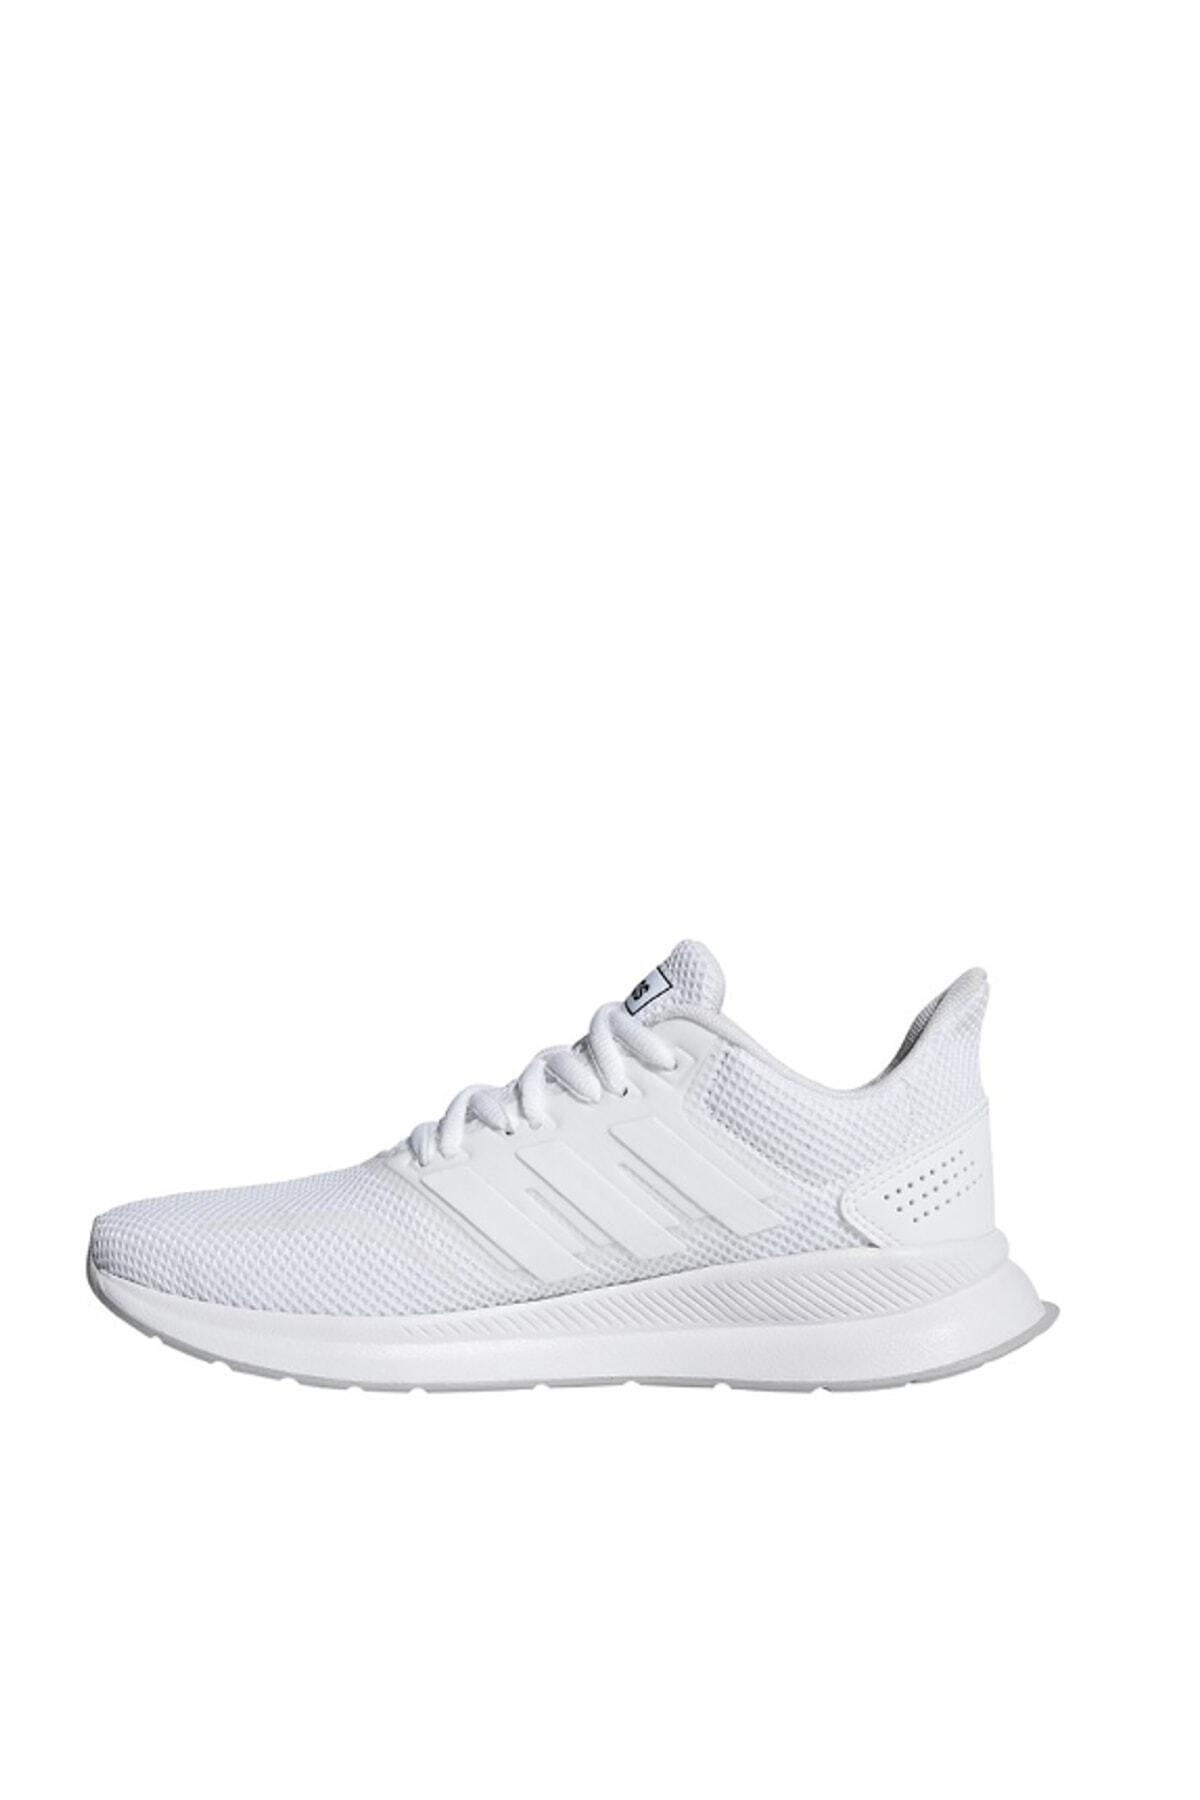 adidas RUNFALCON Beyaz Kız Çocuk Koşu Ayakkabısı 100479459 2